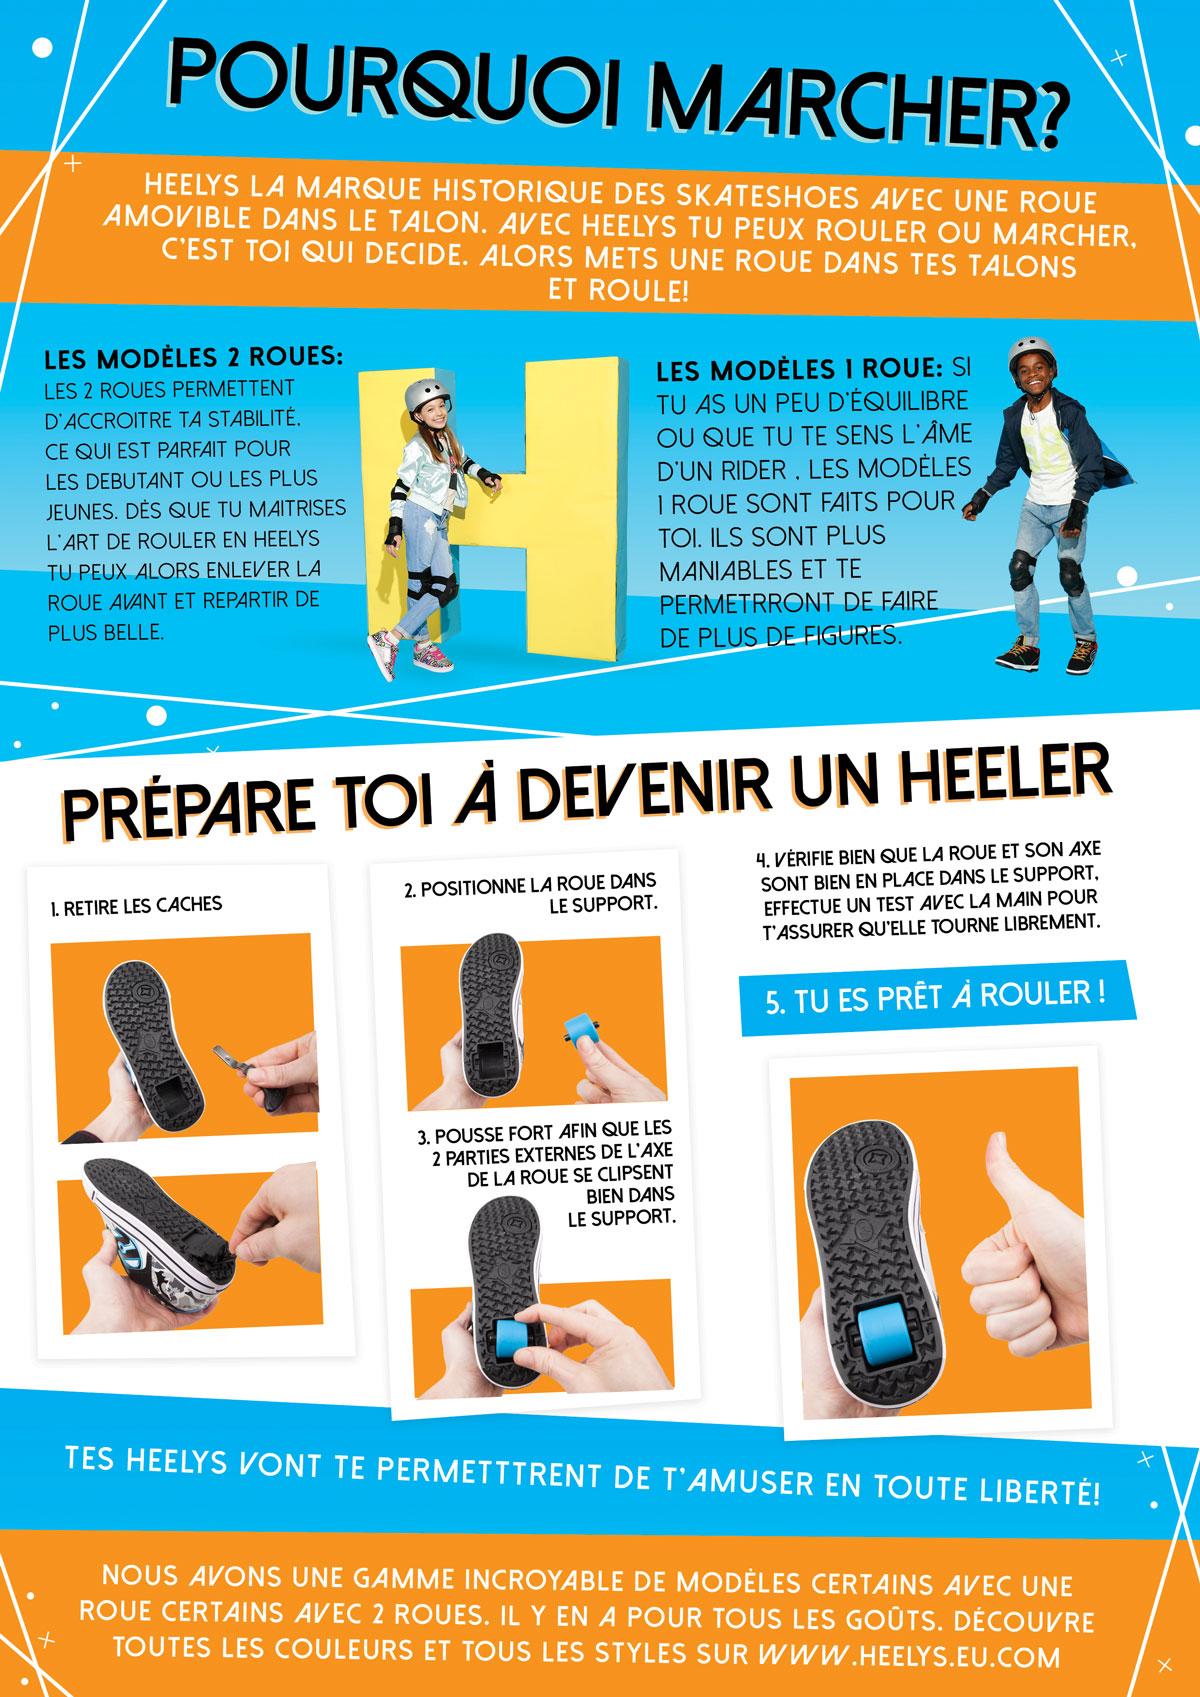 Heelys la marque historique des skateshoes avec une roue amovible dans le talon. Avec Heelys tu peux rouler ou marcher, c'est toi qui decide. Alors mets une roue dans tes talons et roule!